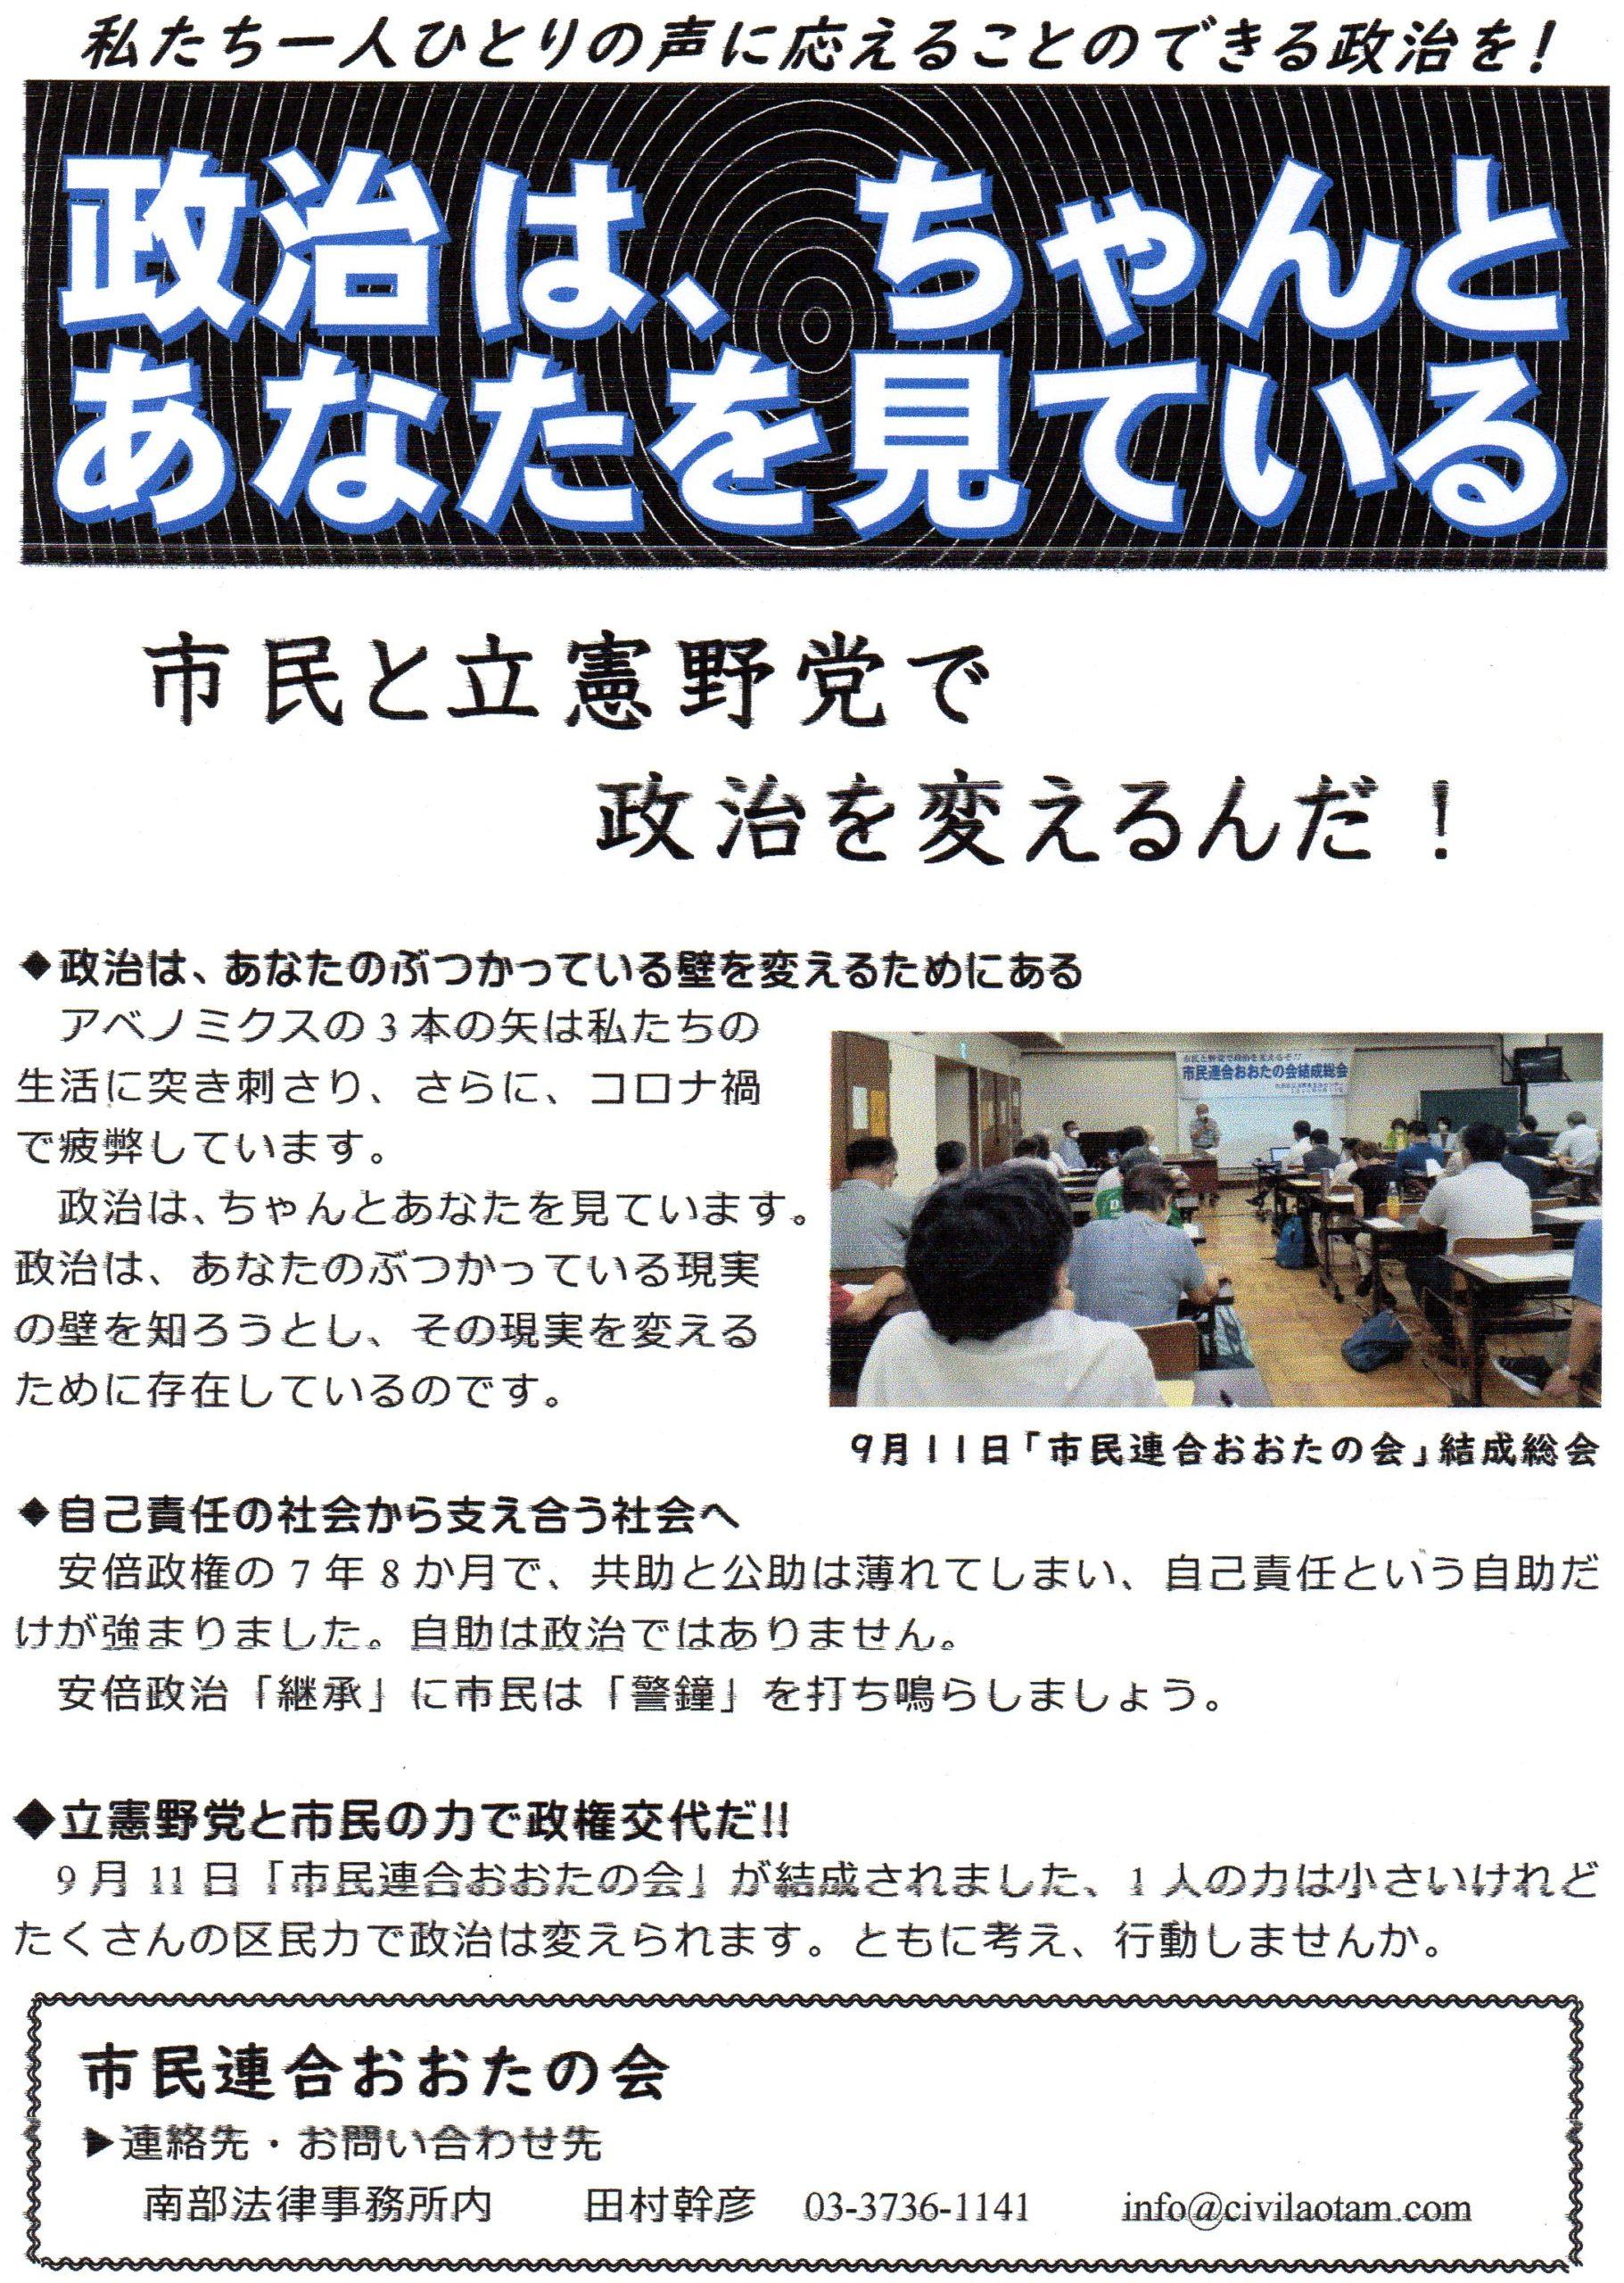 9・20蒲田西口街宣 報告